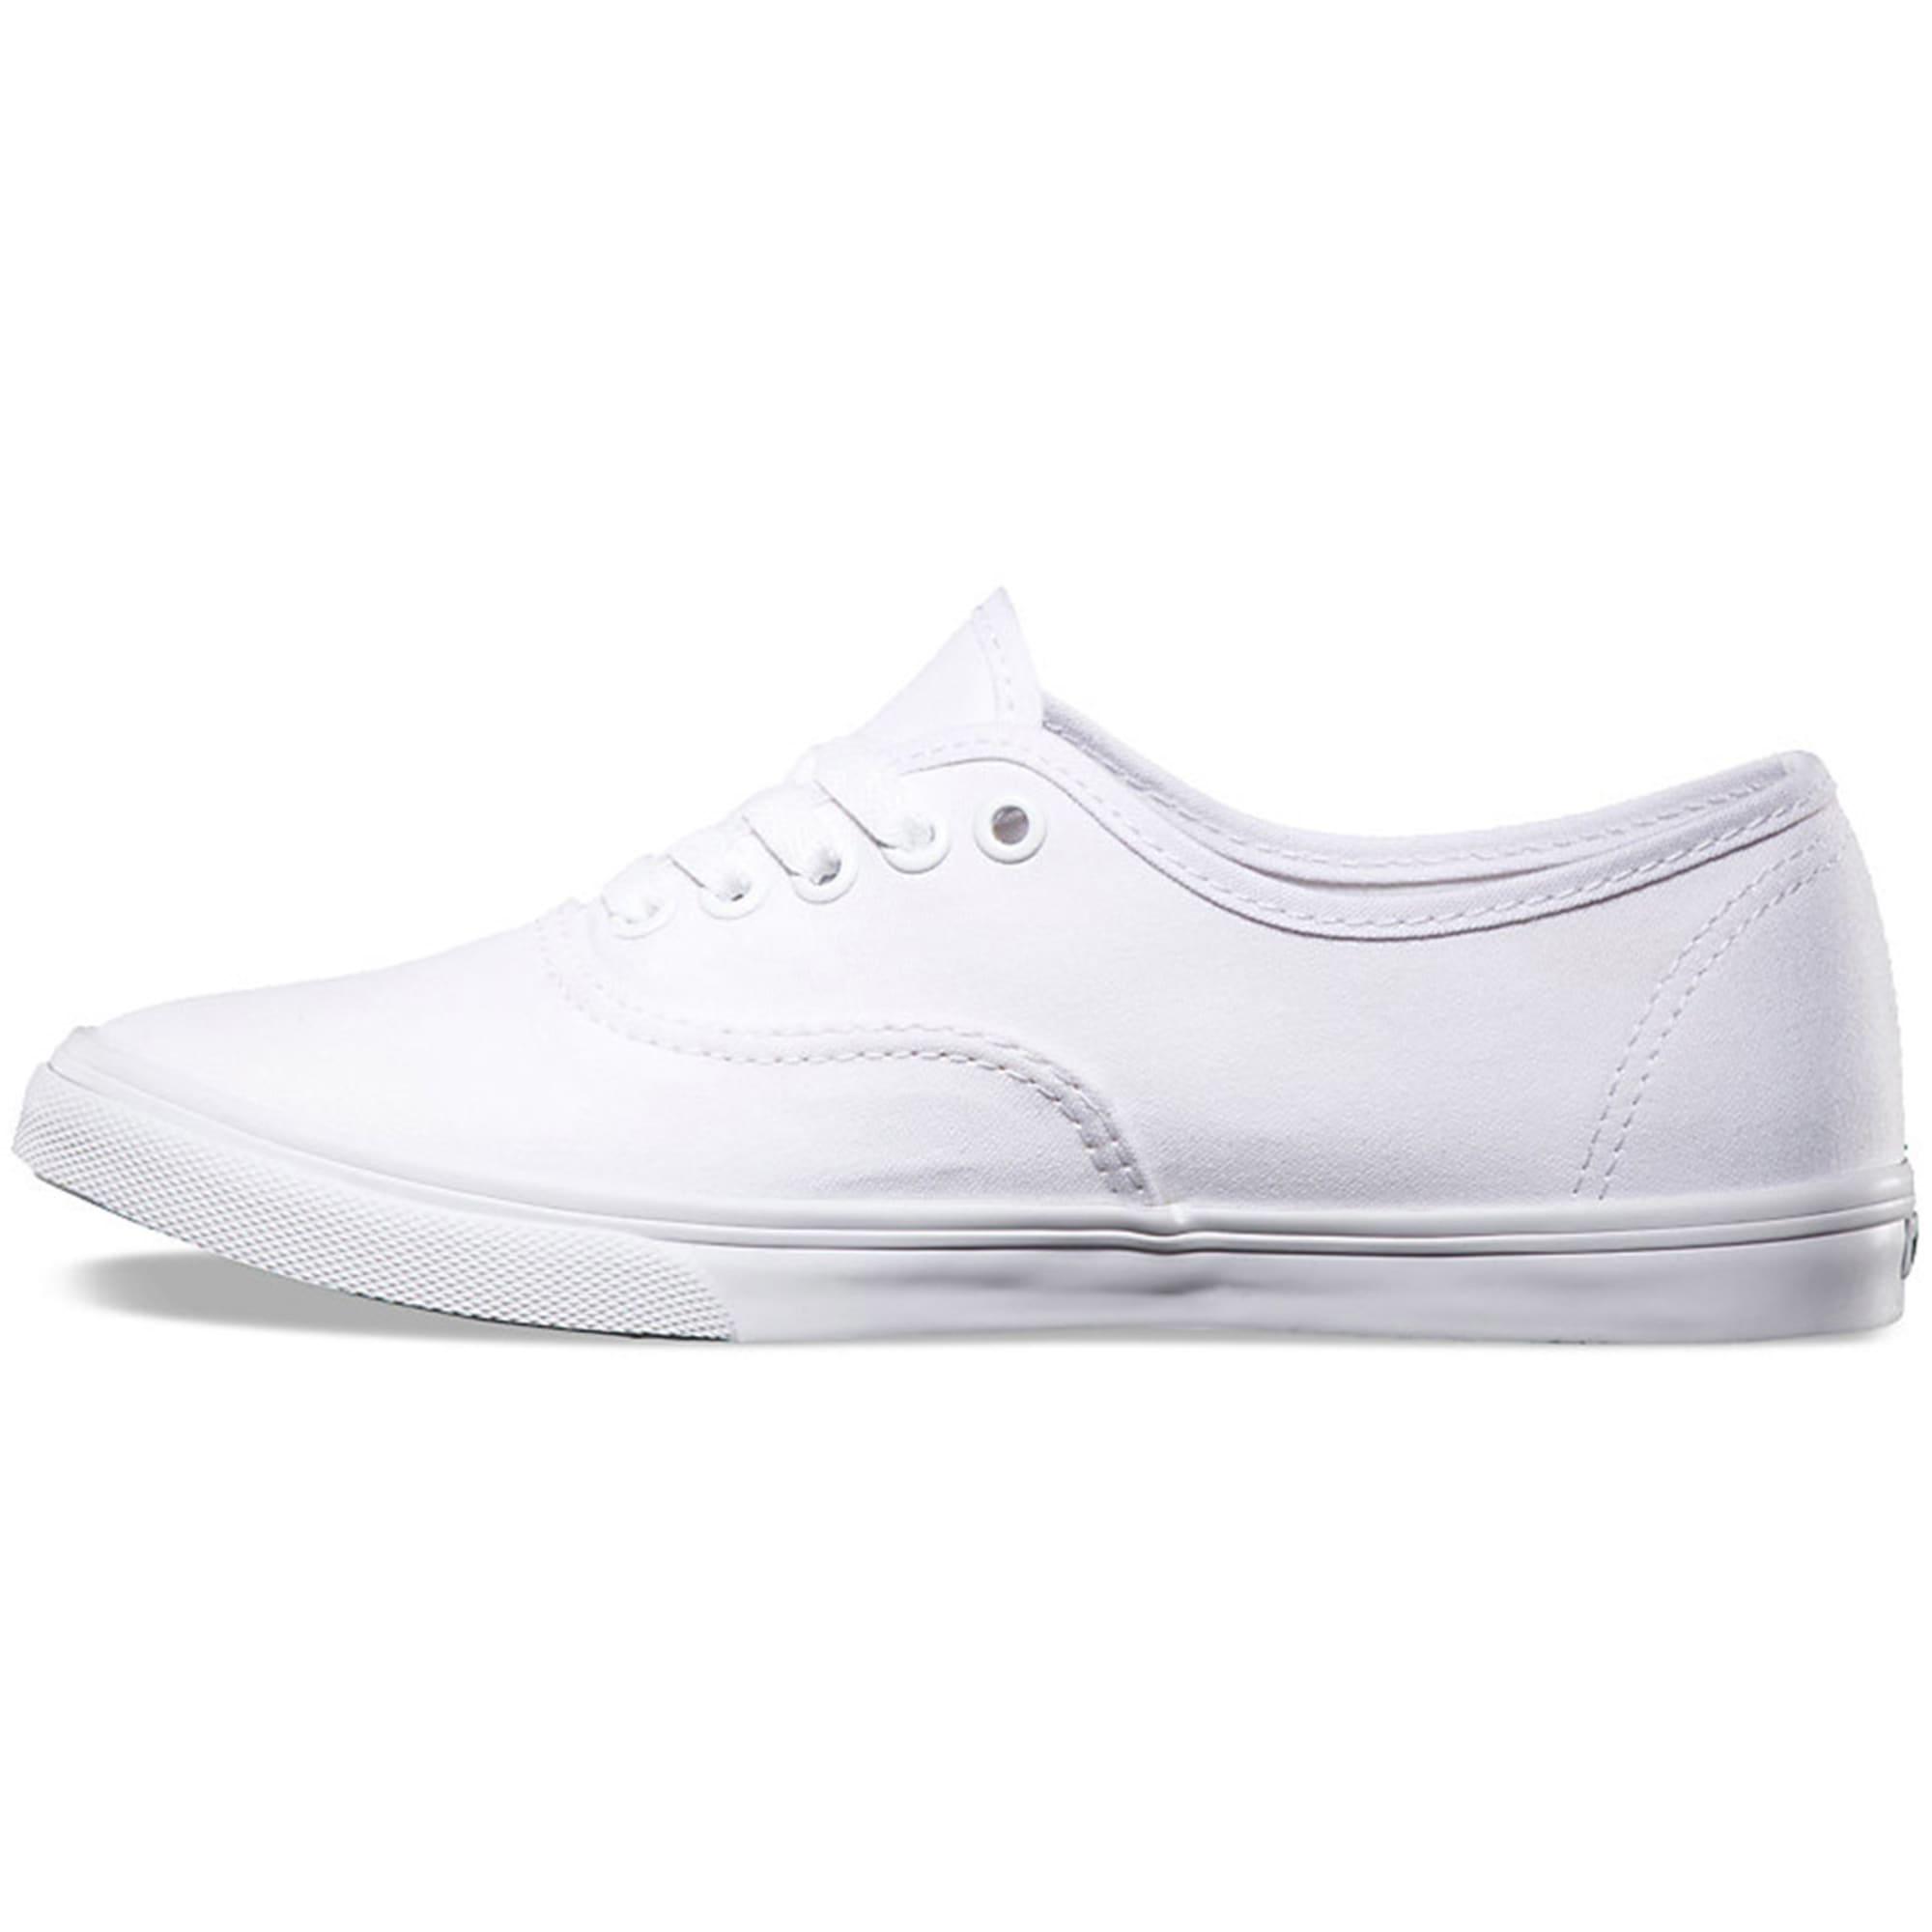 VANS Unisex Authentic Lo Pro Shoes